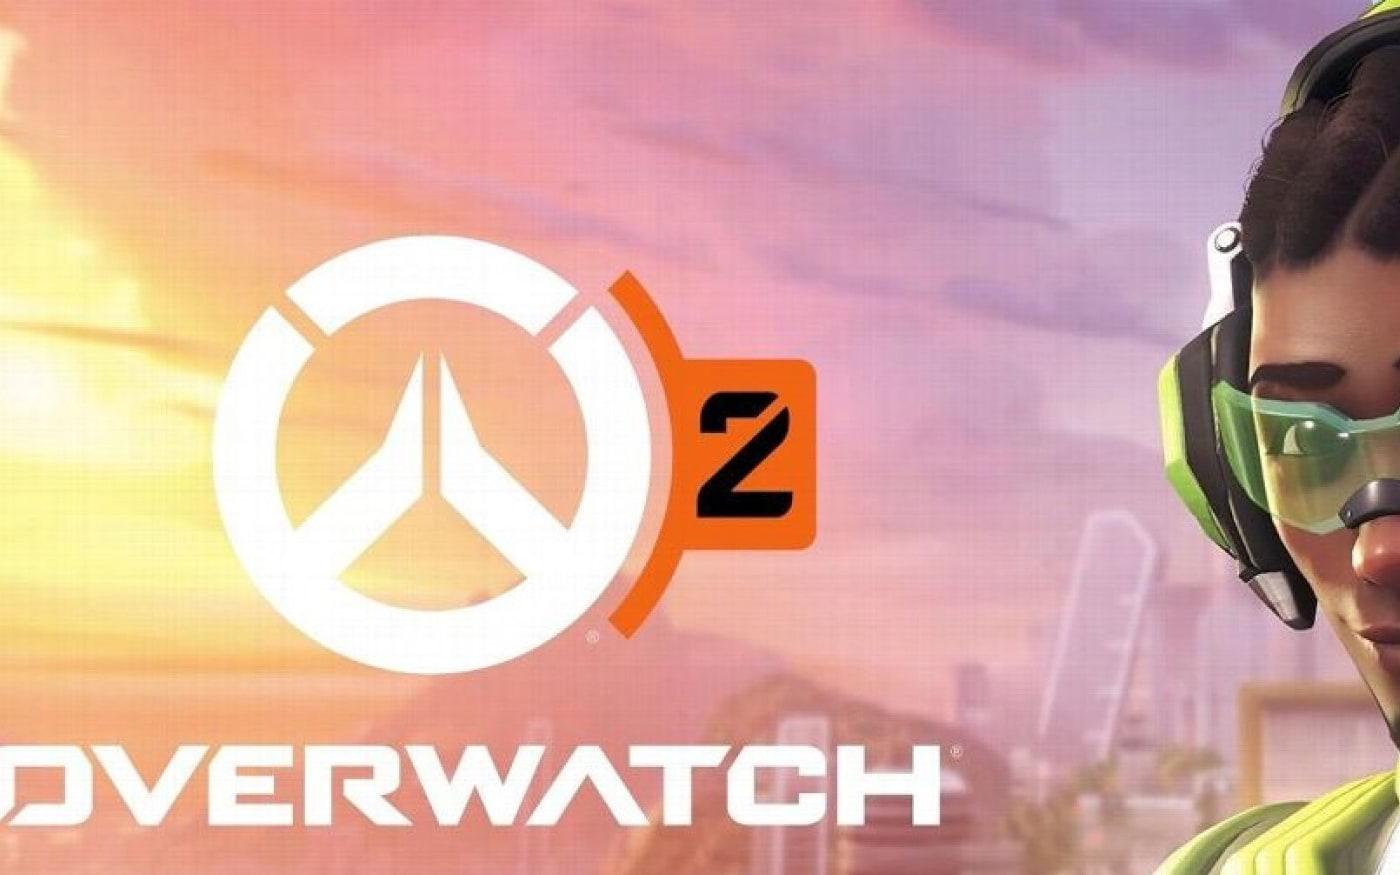 [Overwatch 2] Personagem Lucio aparece em imagem do novo game, que poderá ter mapa no Rio